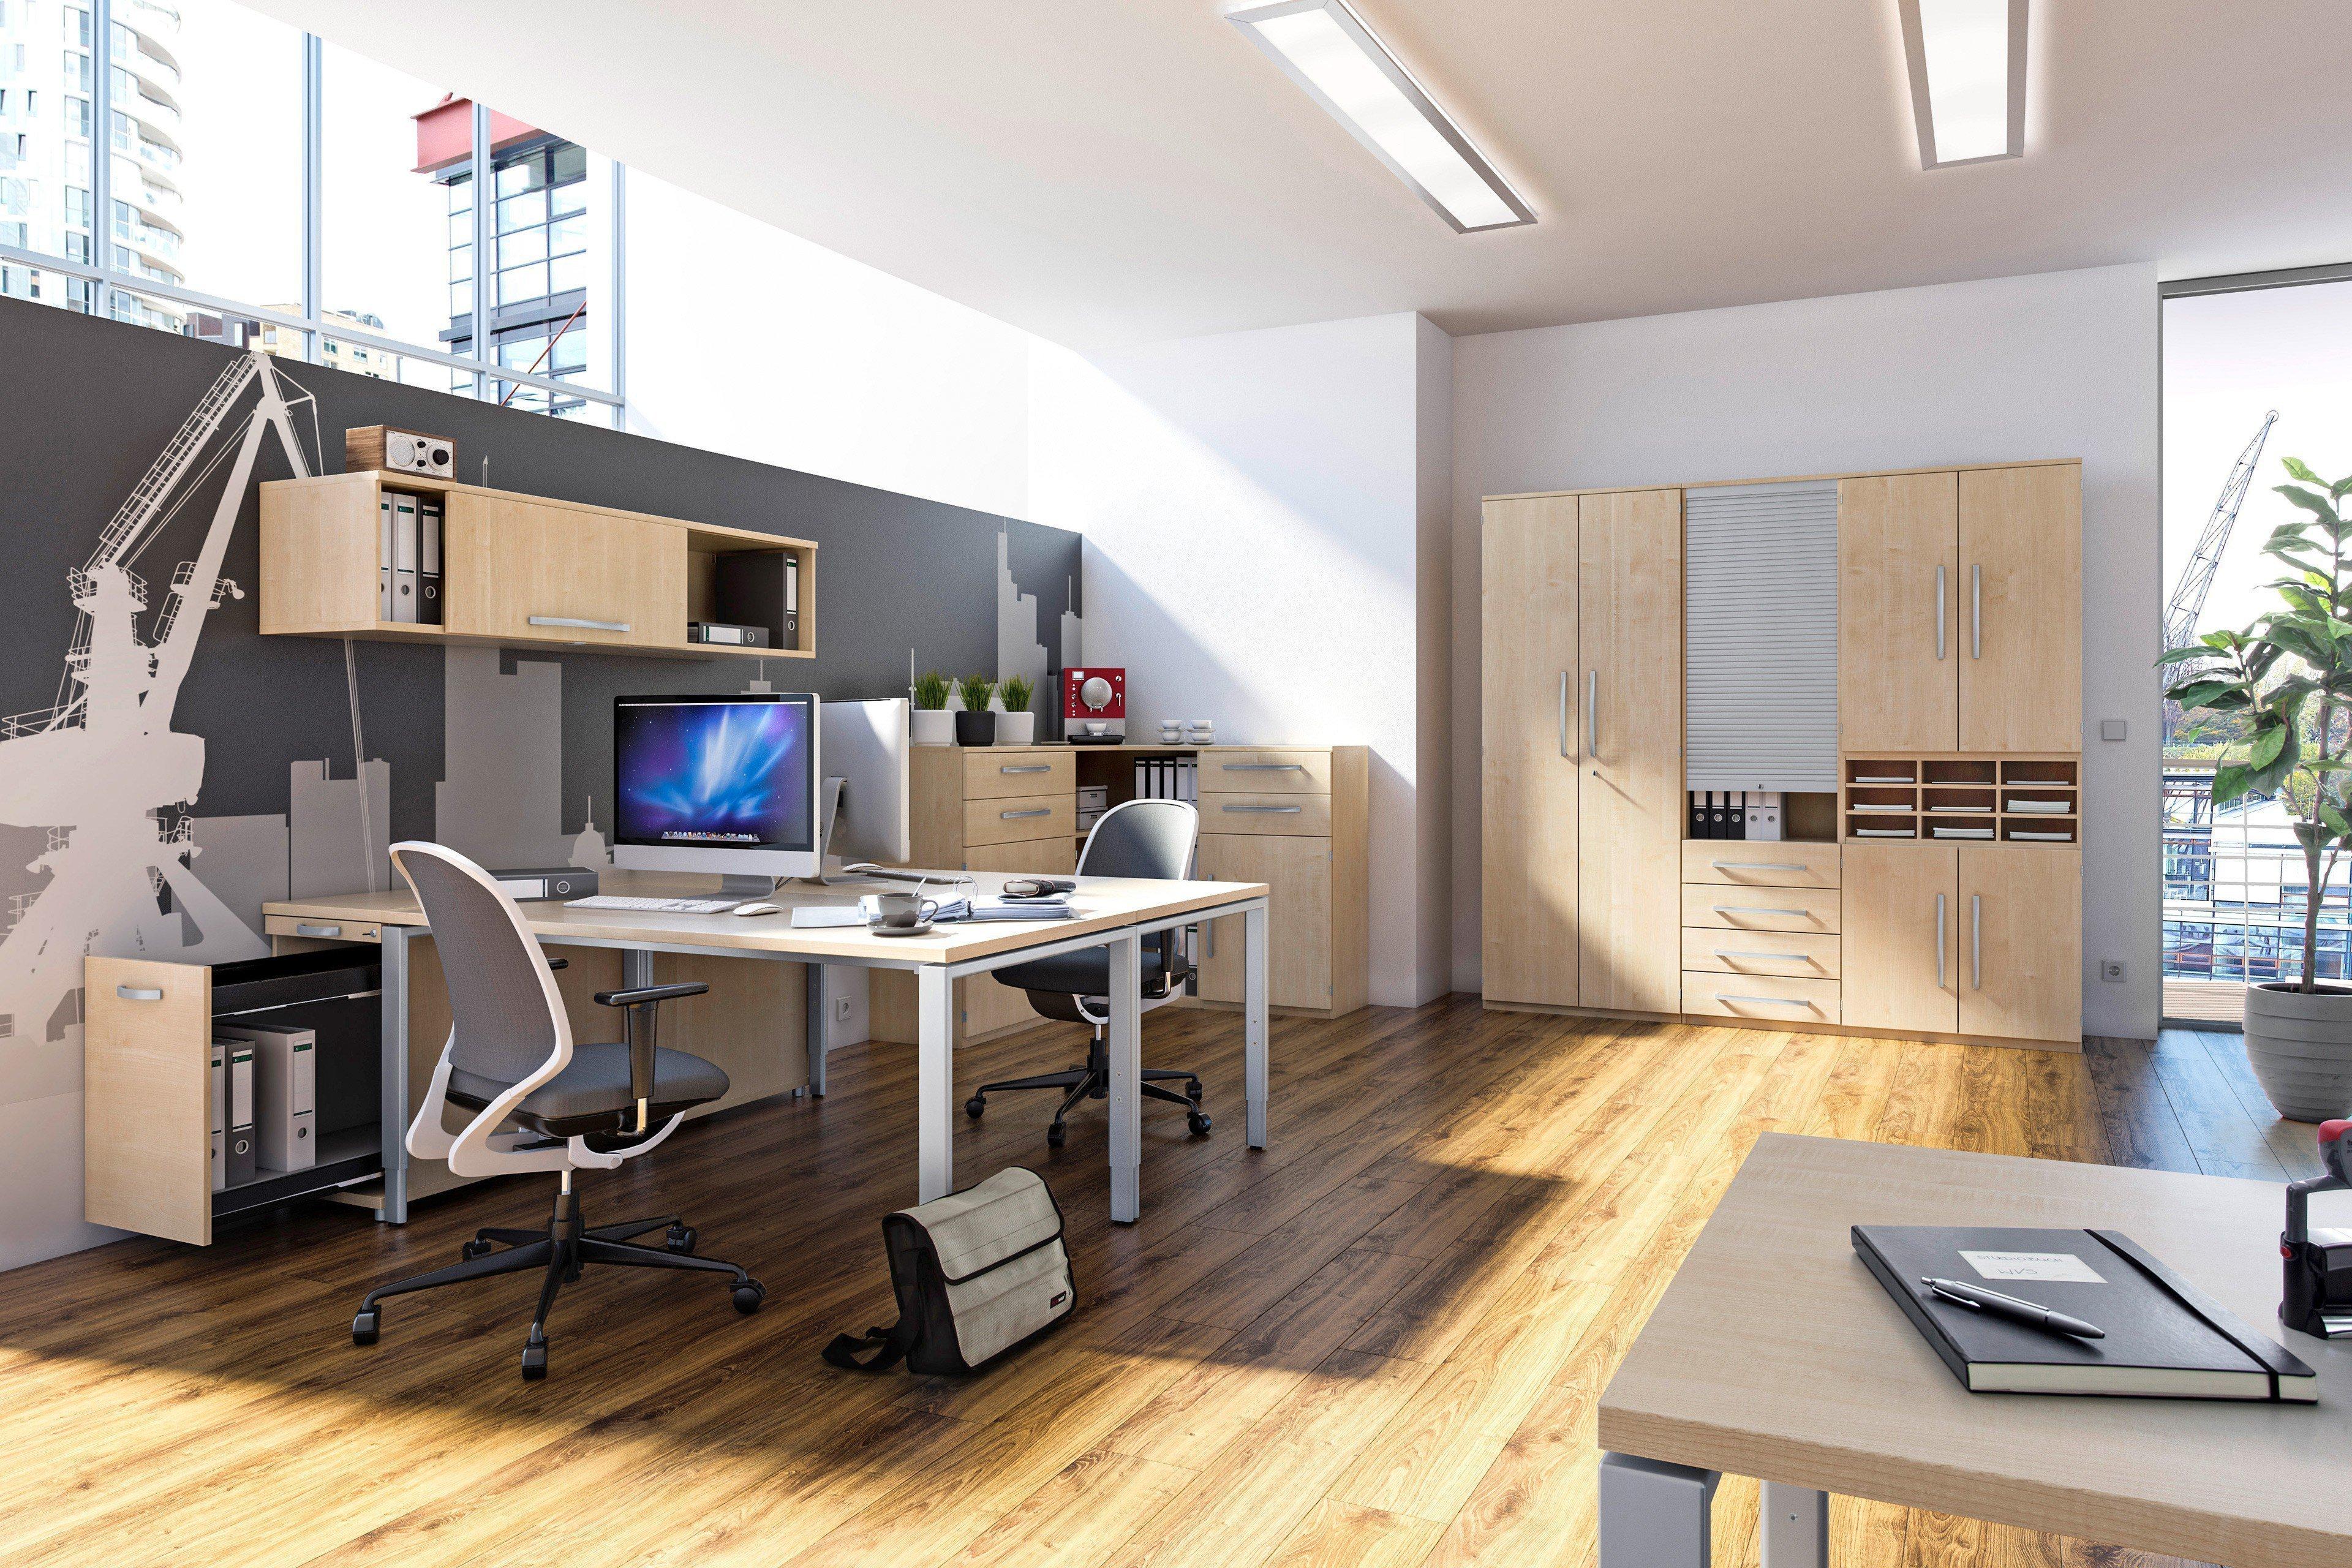 Röhr-Bush Techno 4-Fuß Schreibtisch Ahorn | Möbel Letz - Ihr ...